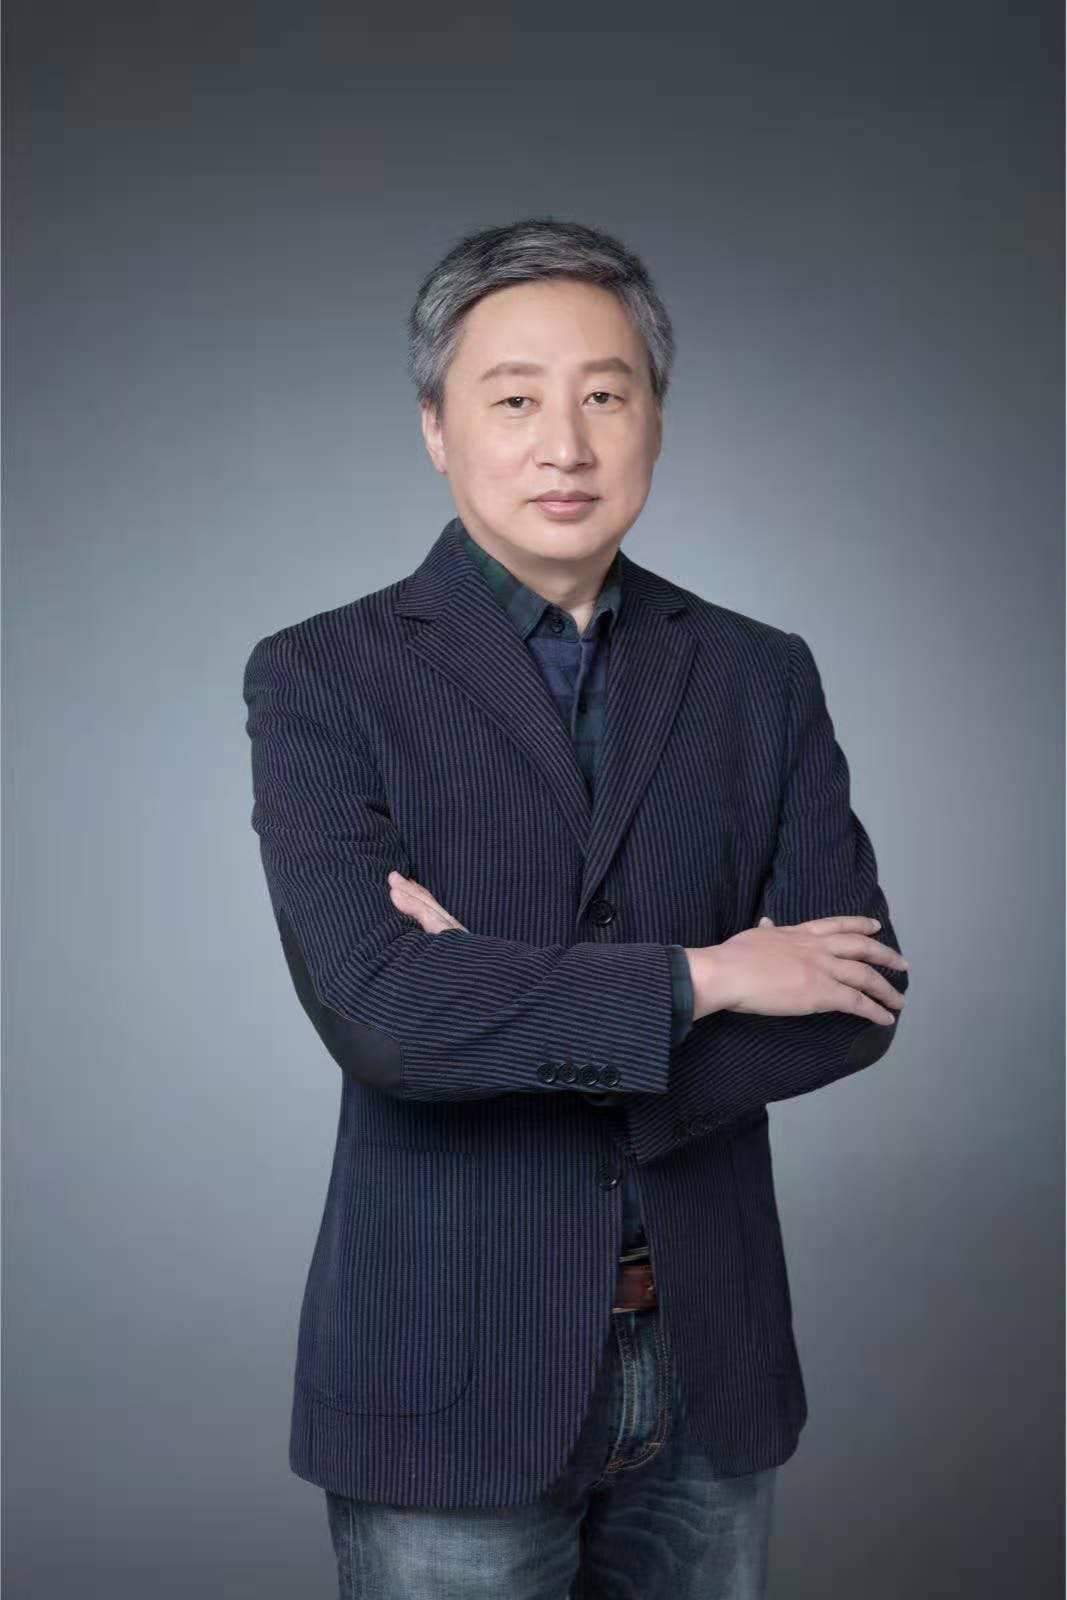 本期嘉宾:刘毅,Cdot创始人,比特币早期投资者,Web3.0、区块链技术、加密经济学和加密协议治理研究者。  原标题:《Web3.0对话马拉松 | 专访刘毅: Web3.0的发展路径是资产、身份再